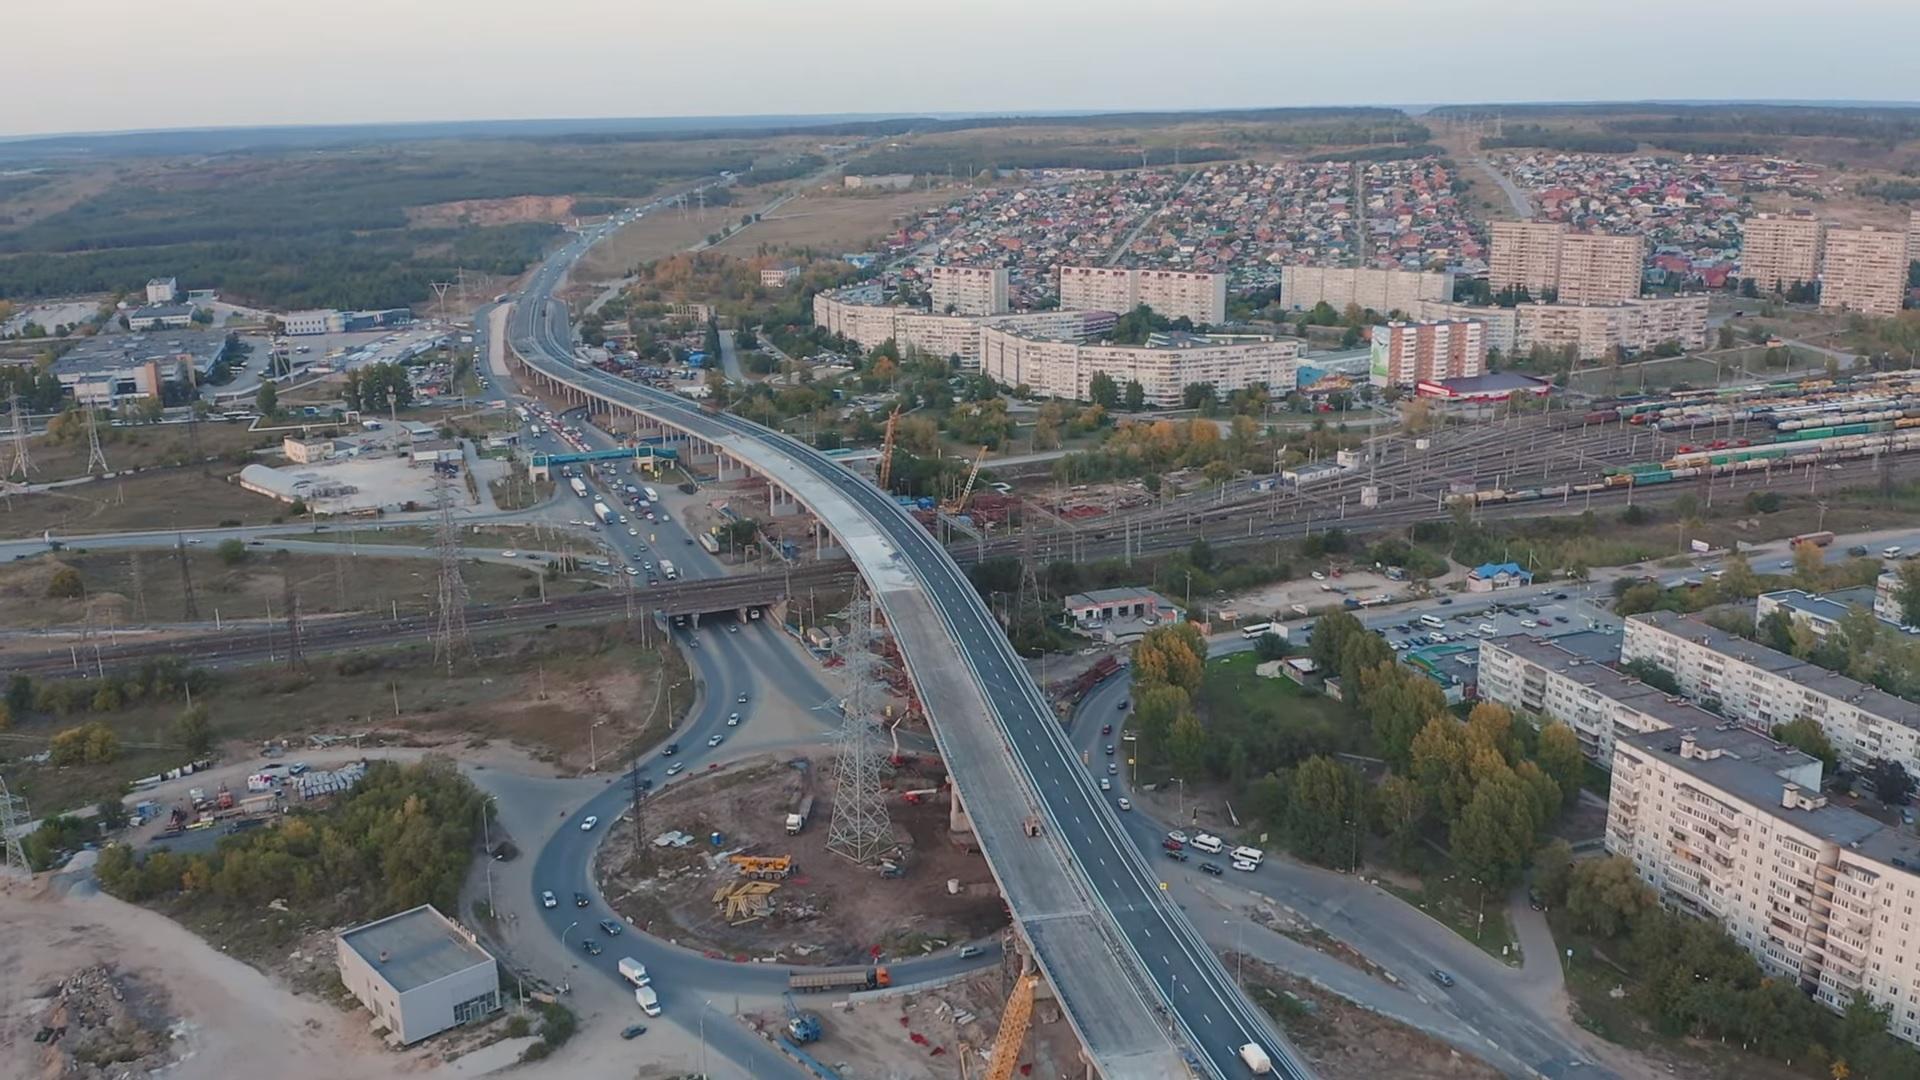 Показали в деталях: Рассматриваем новую развязку на М-5 в Тольятти с высоты